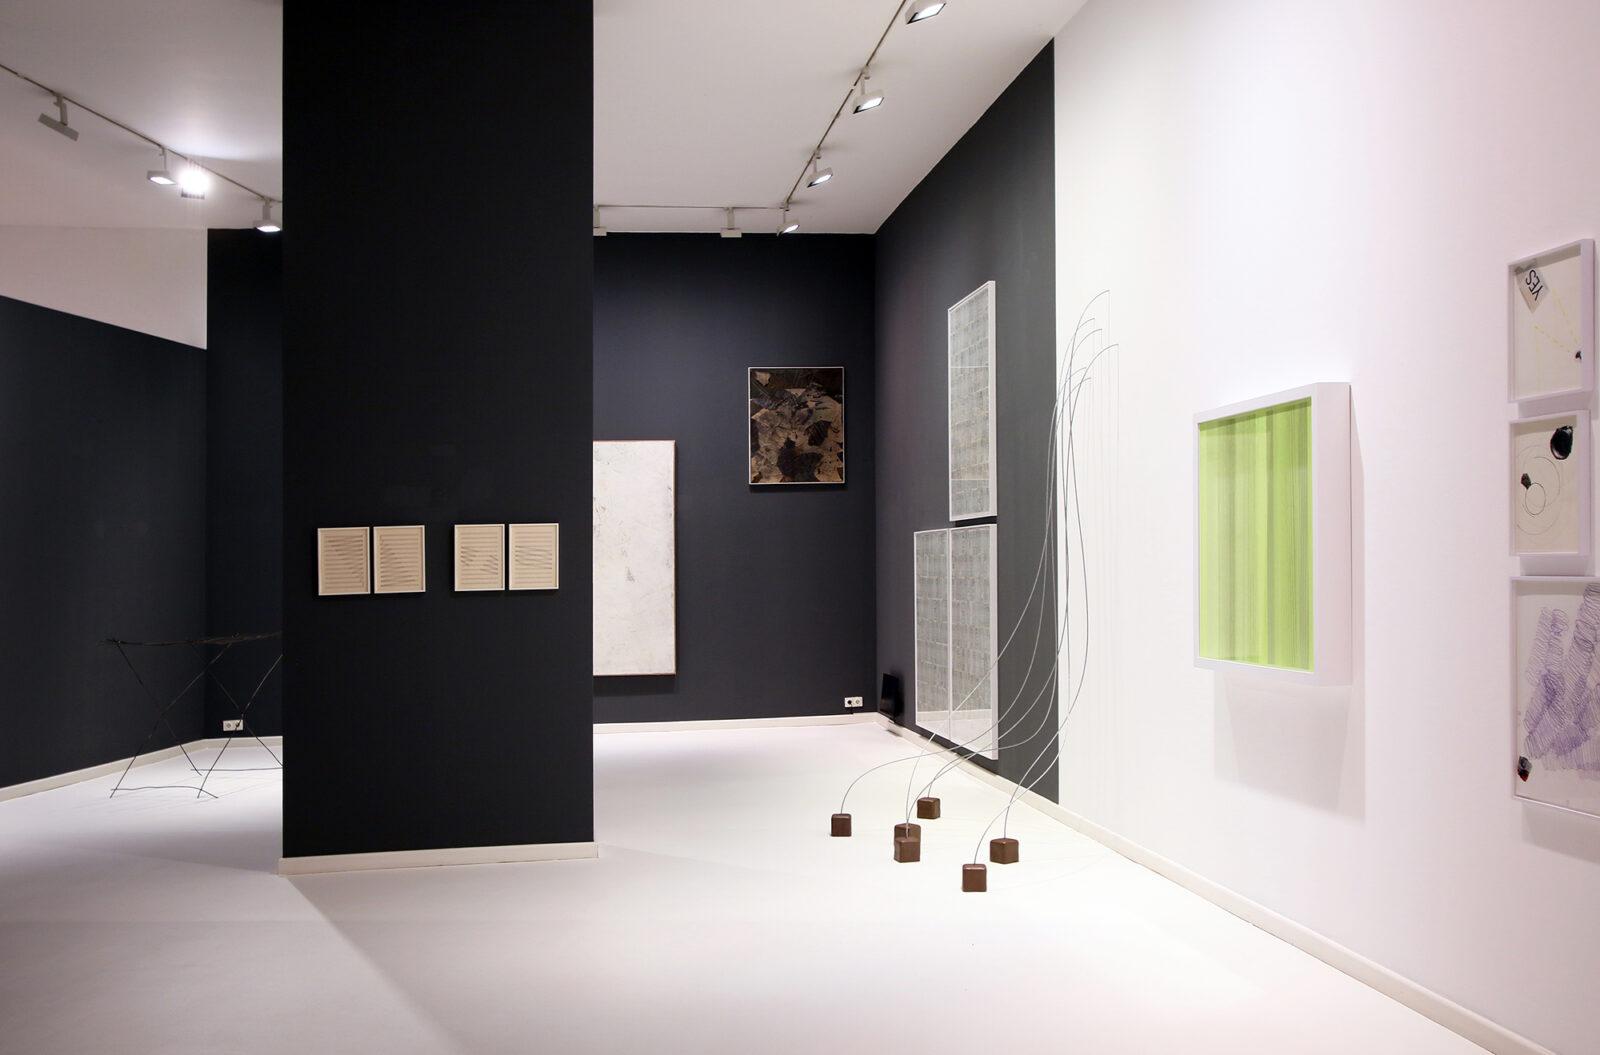 Galerie_Nothelfer_7